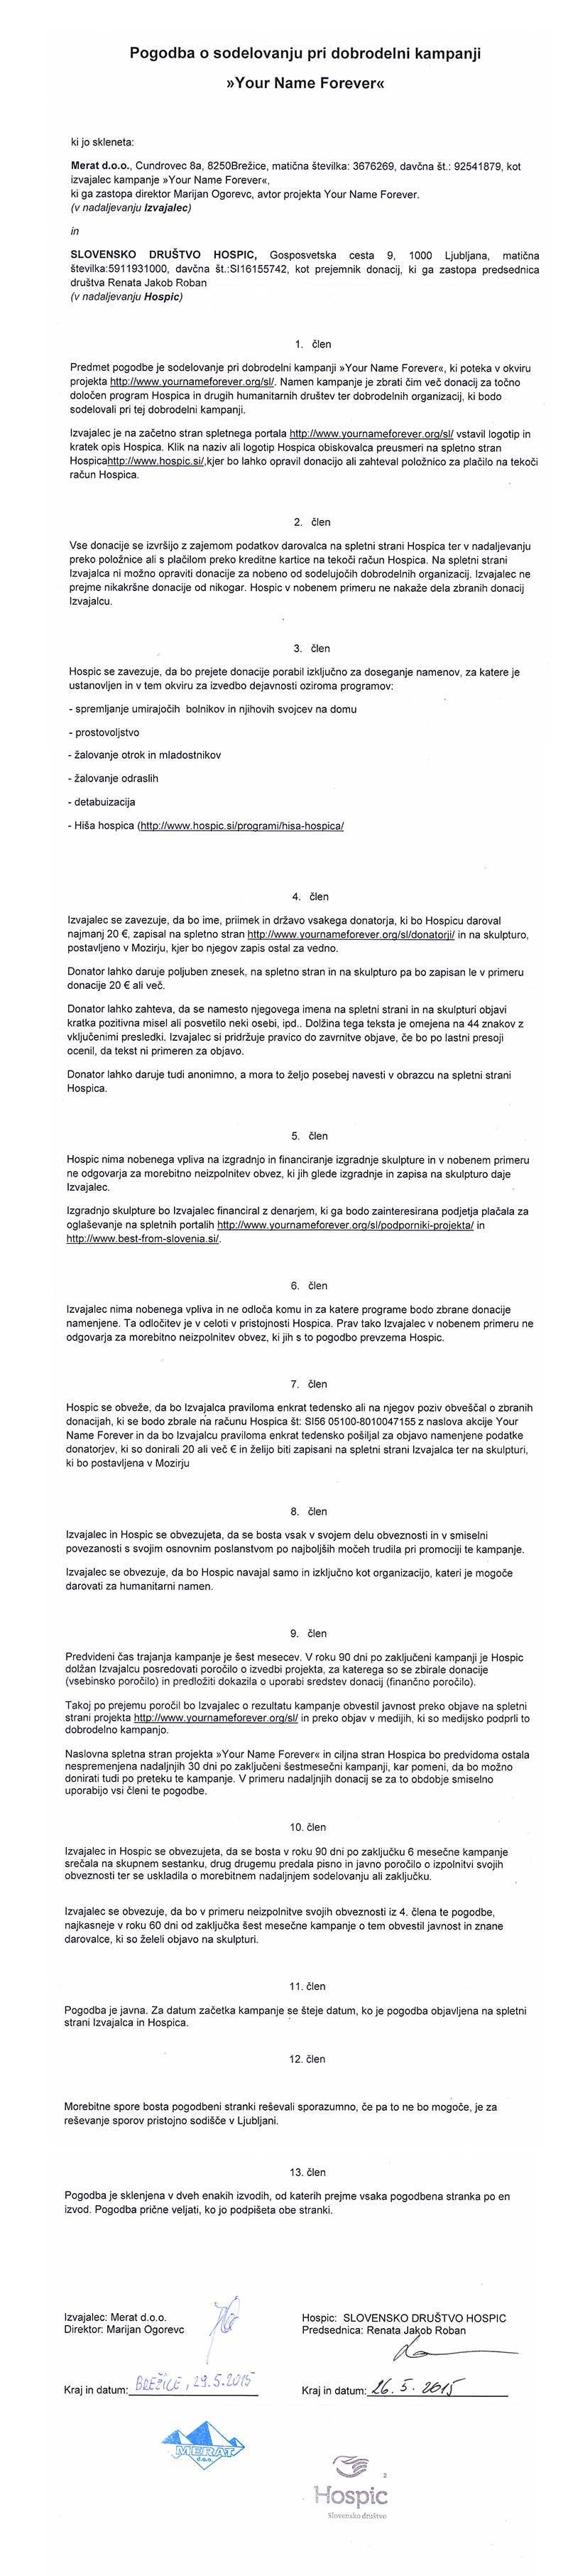 Pogodba-Hospic